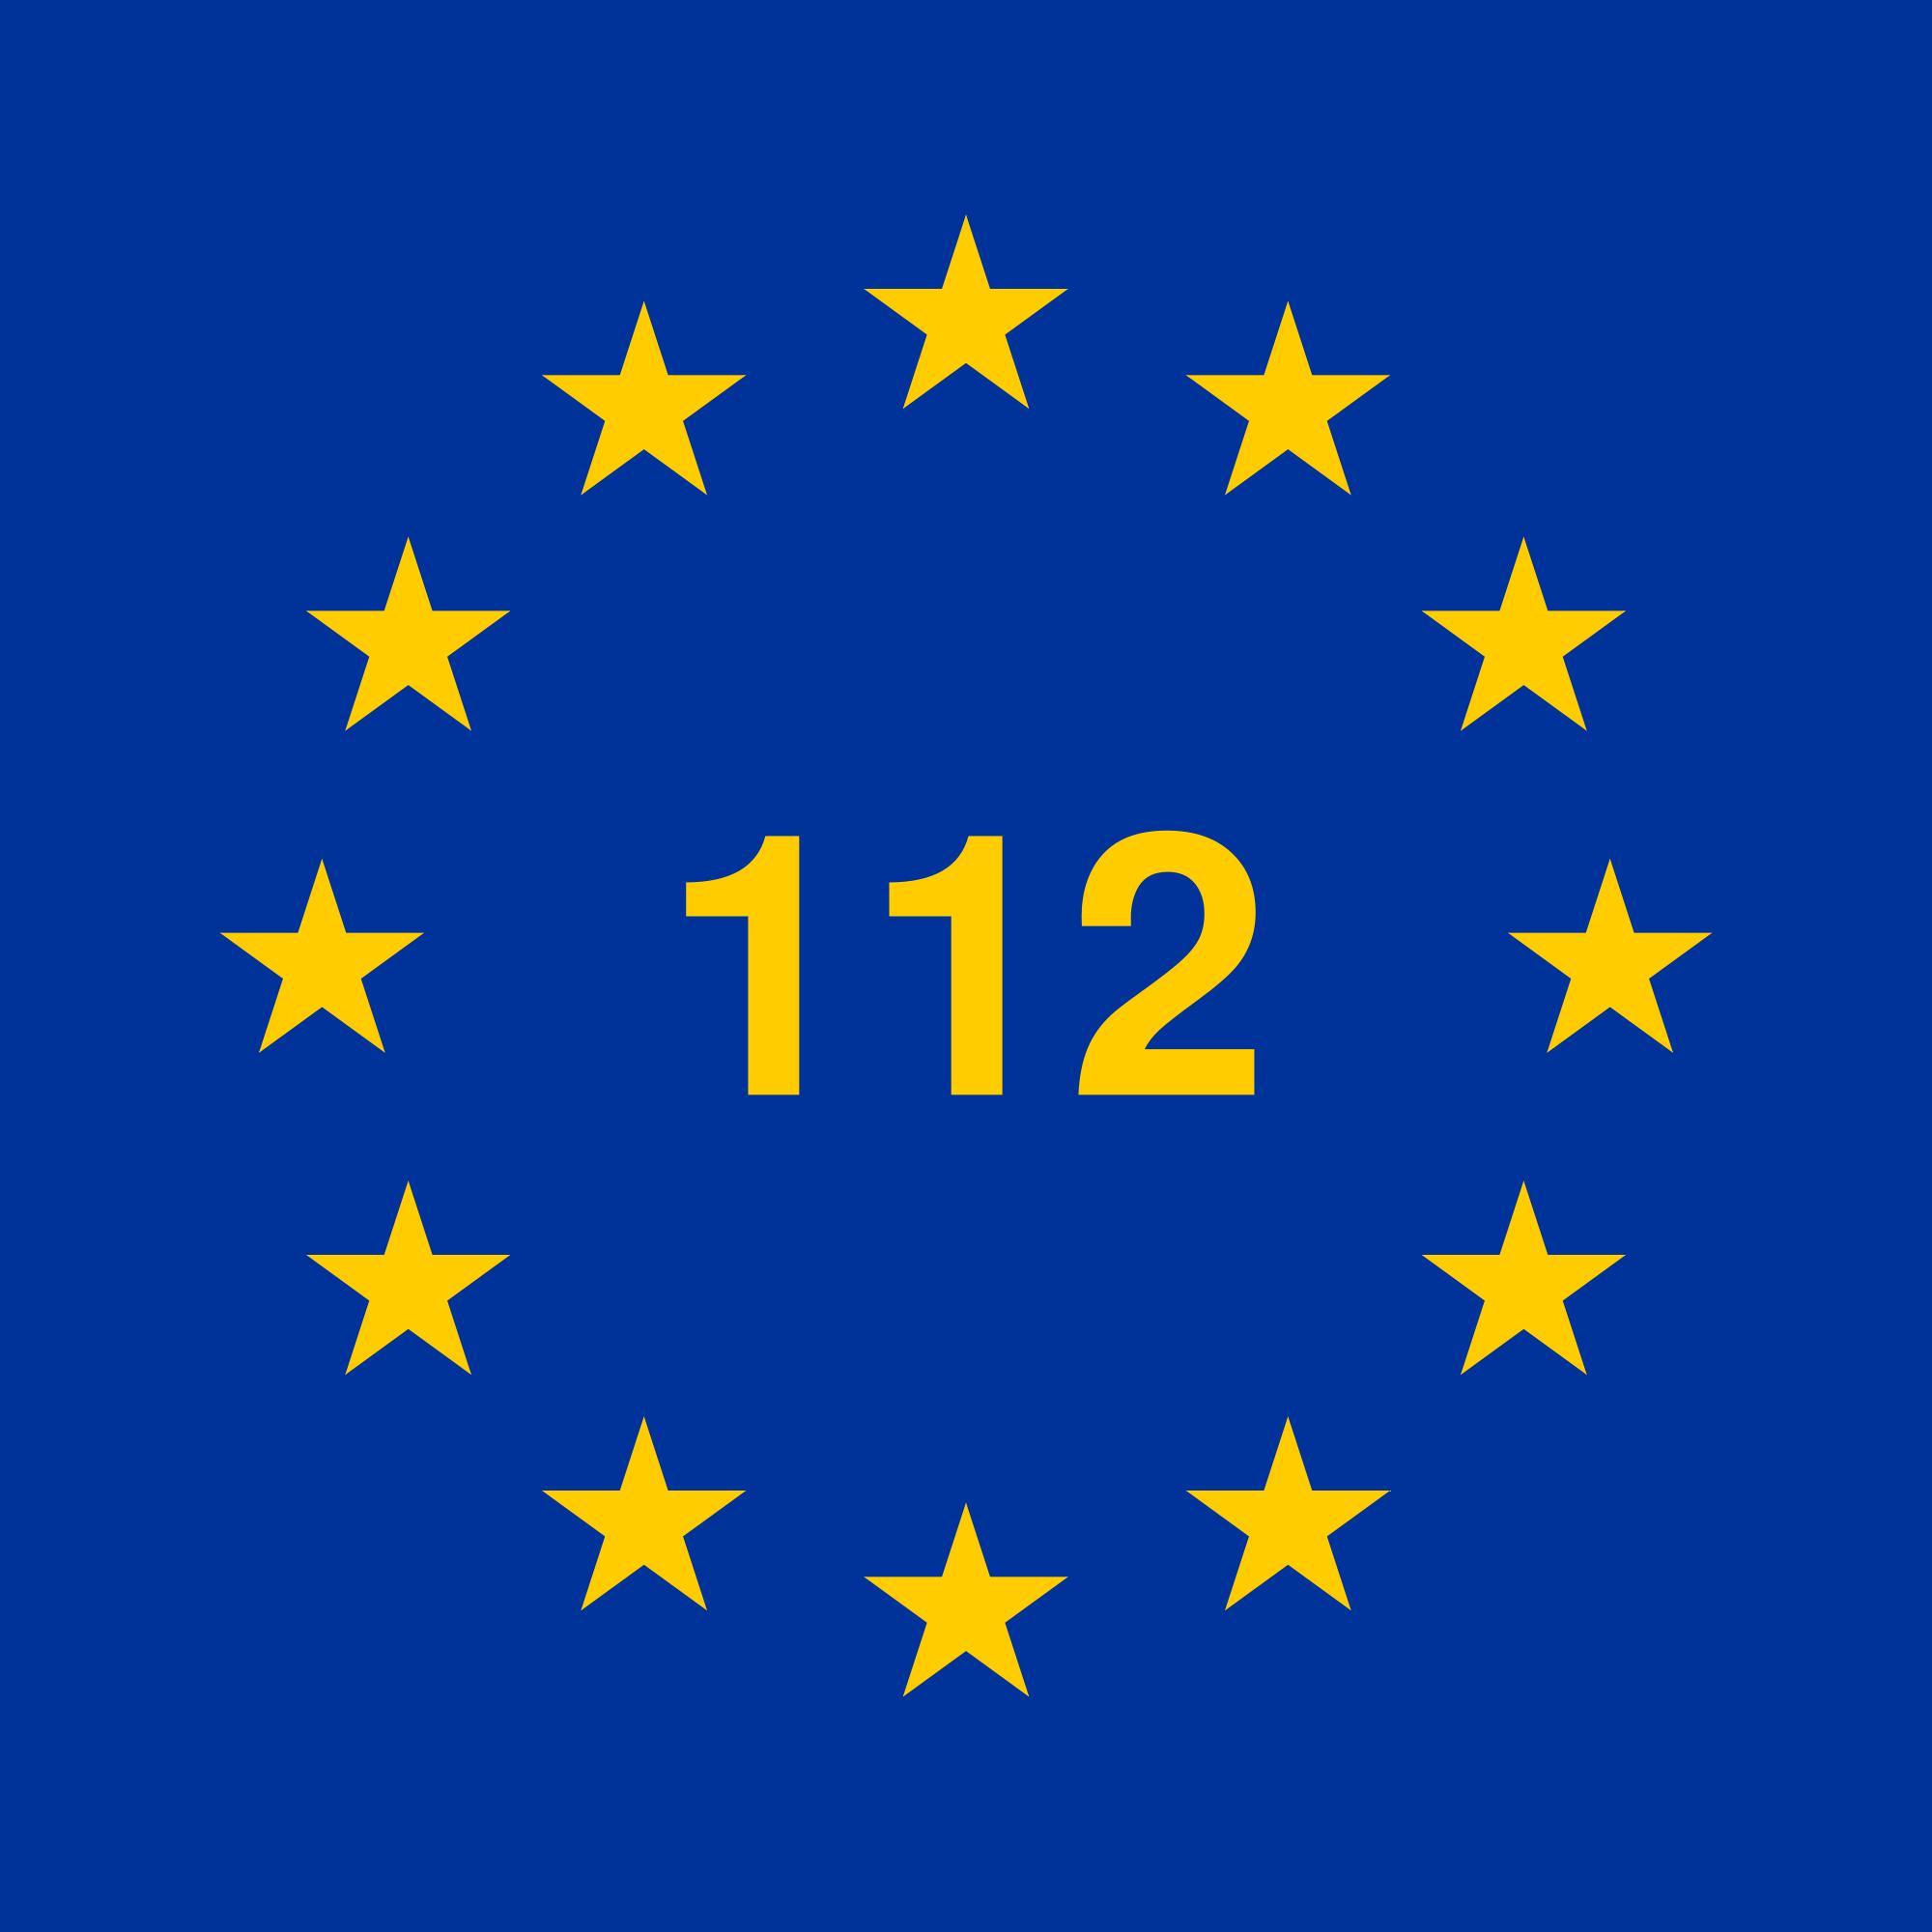 112 flag